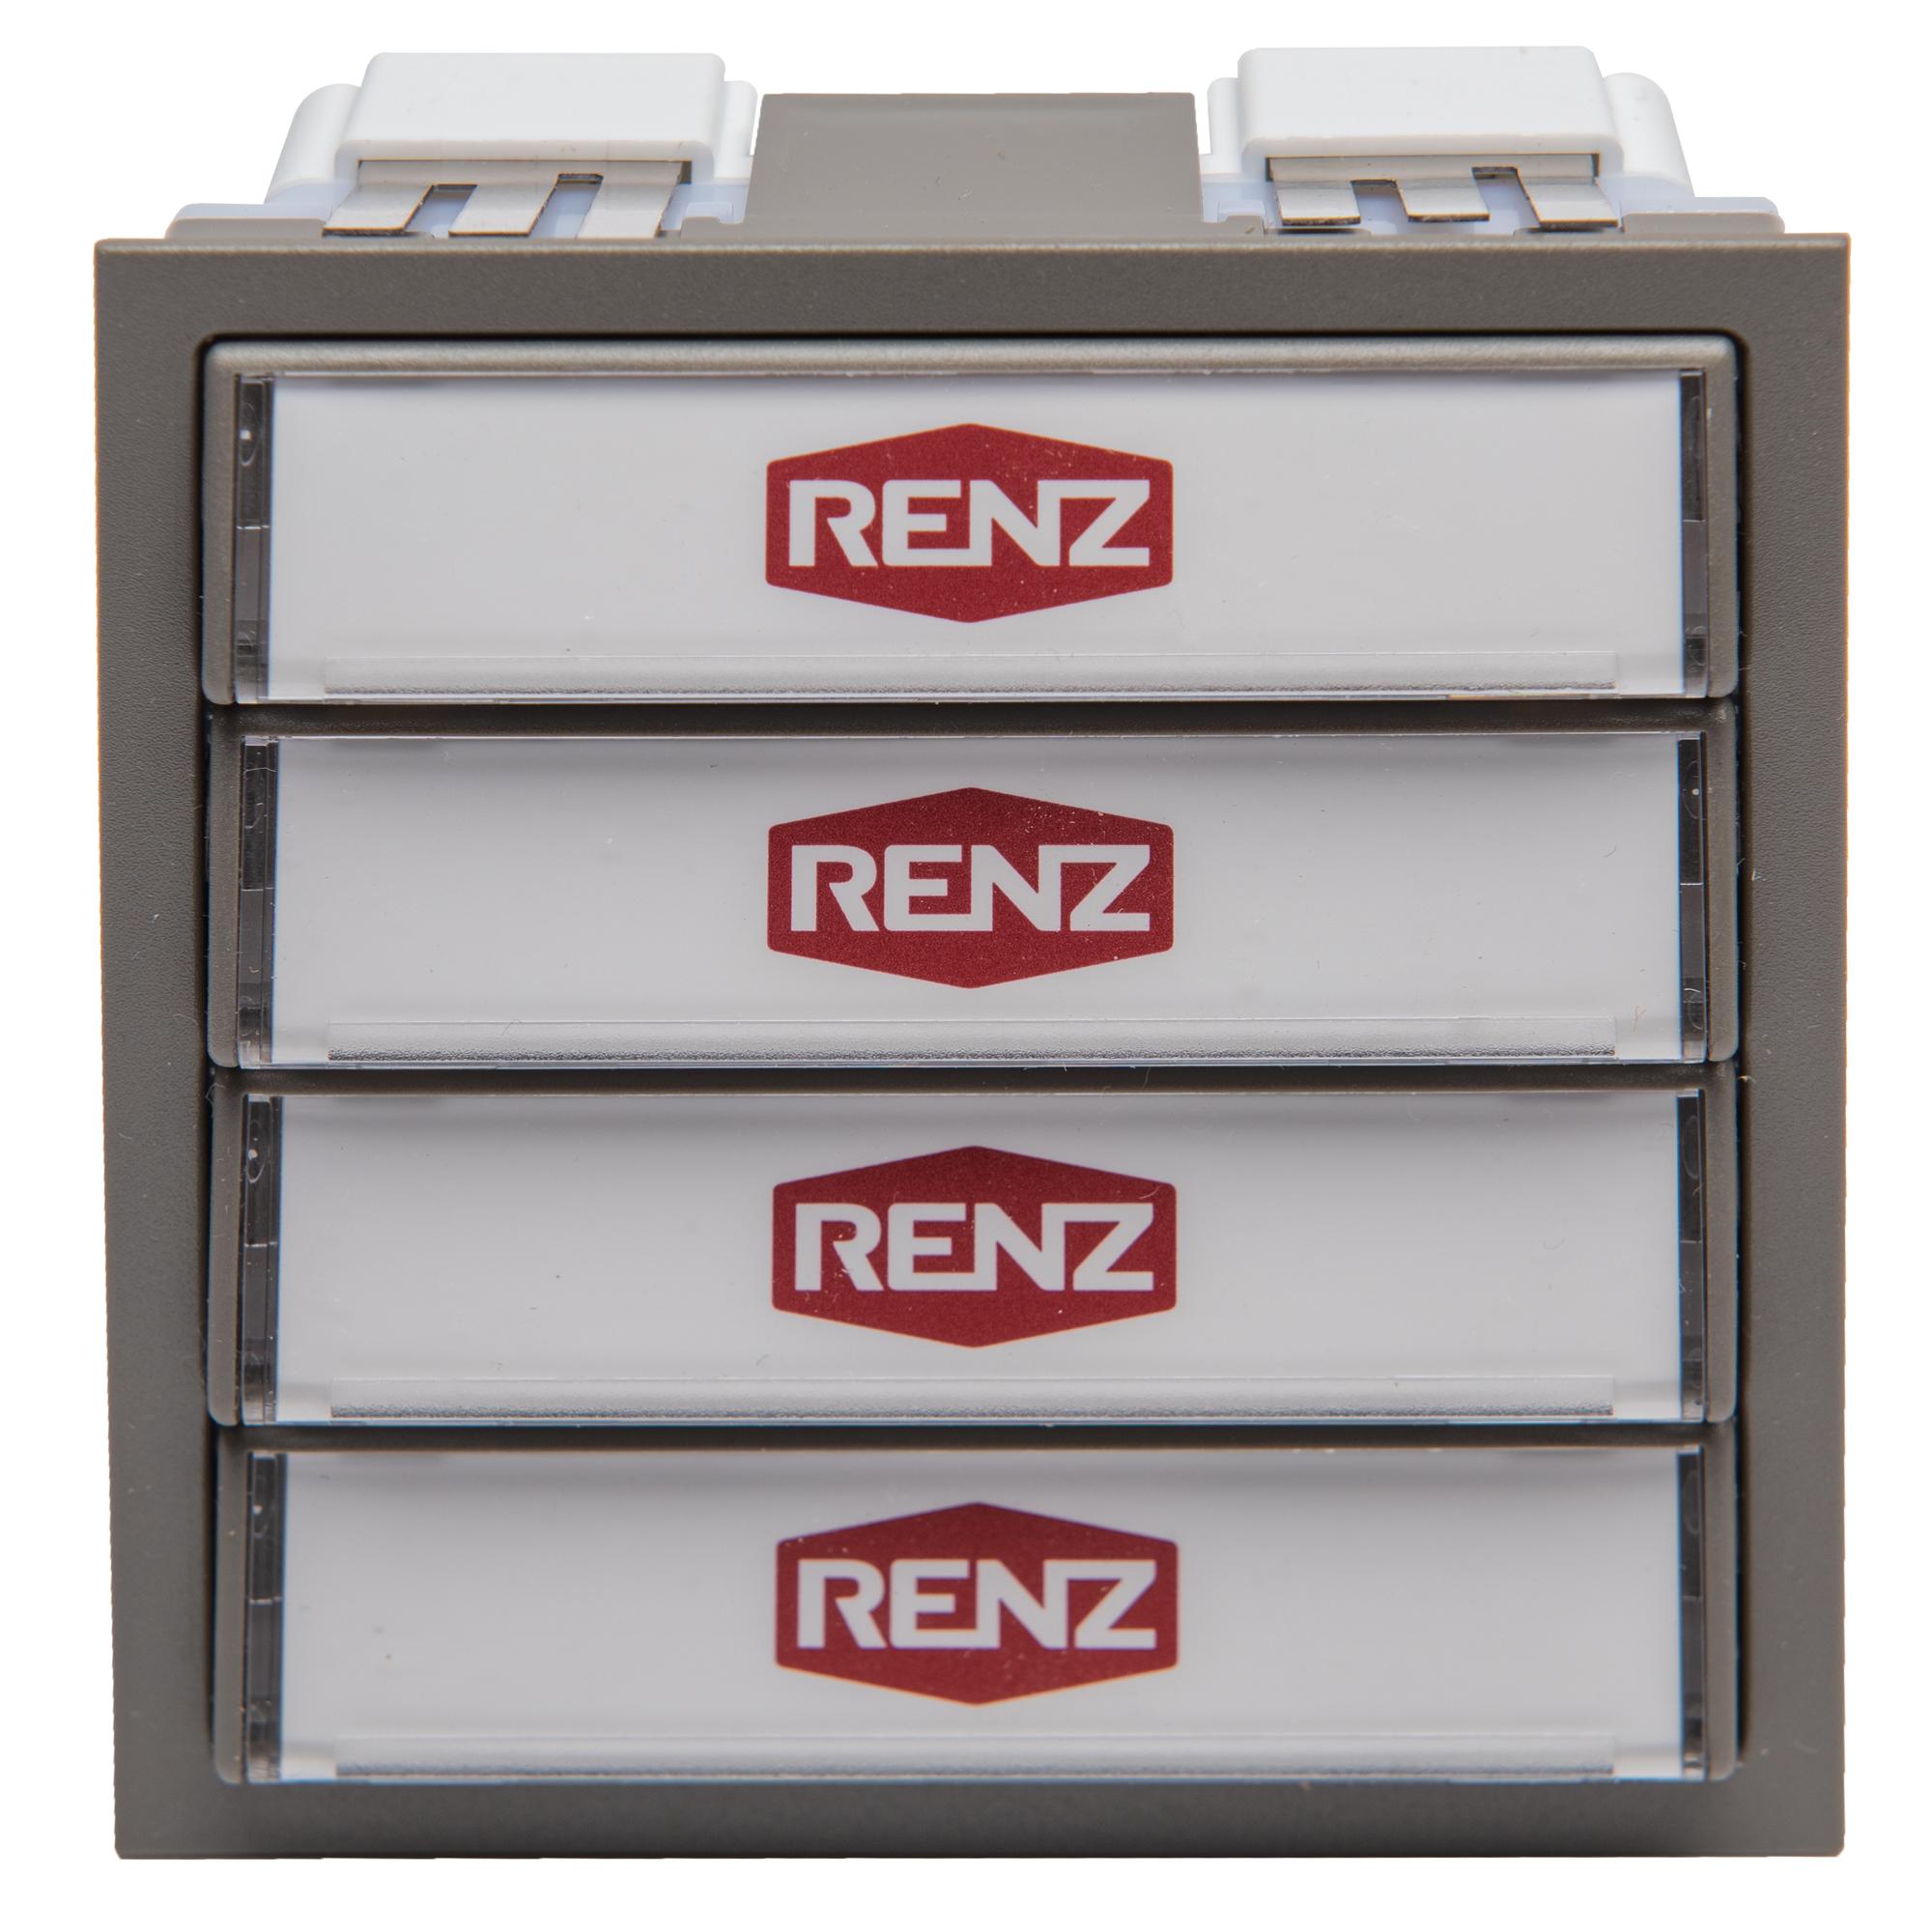 RENZ Tastenmodul mit 4 Klingeltaster 97-9-85272 grau